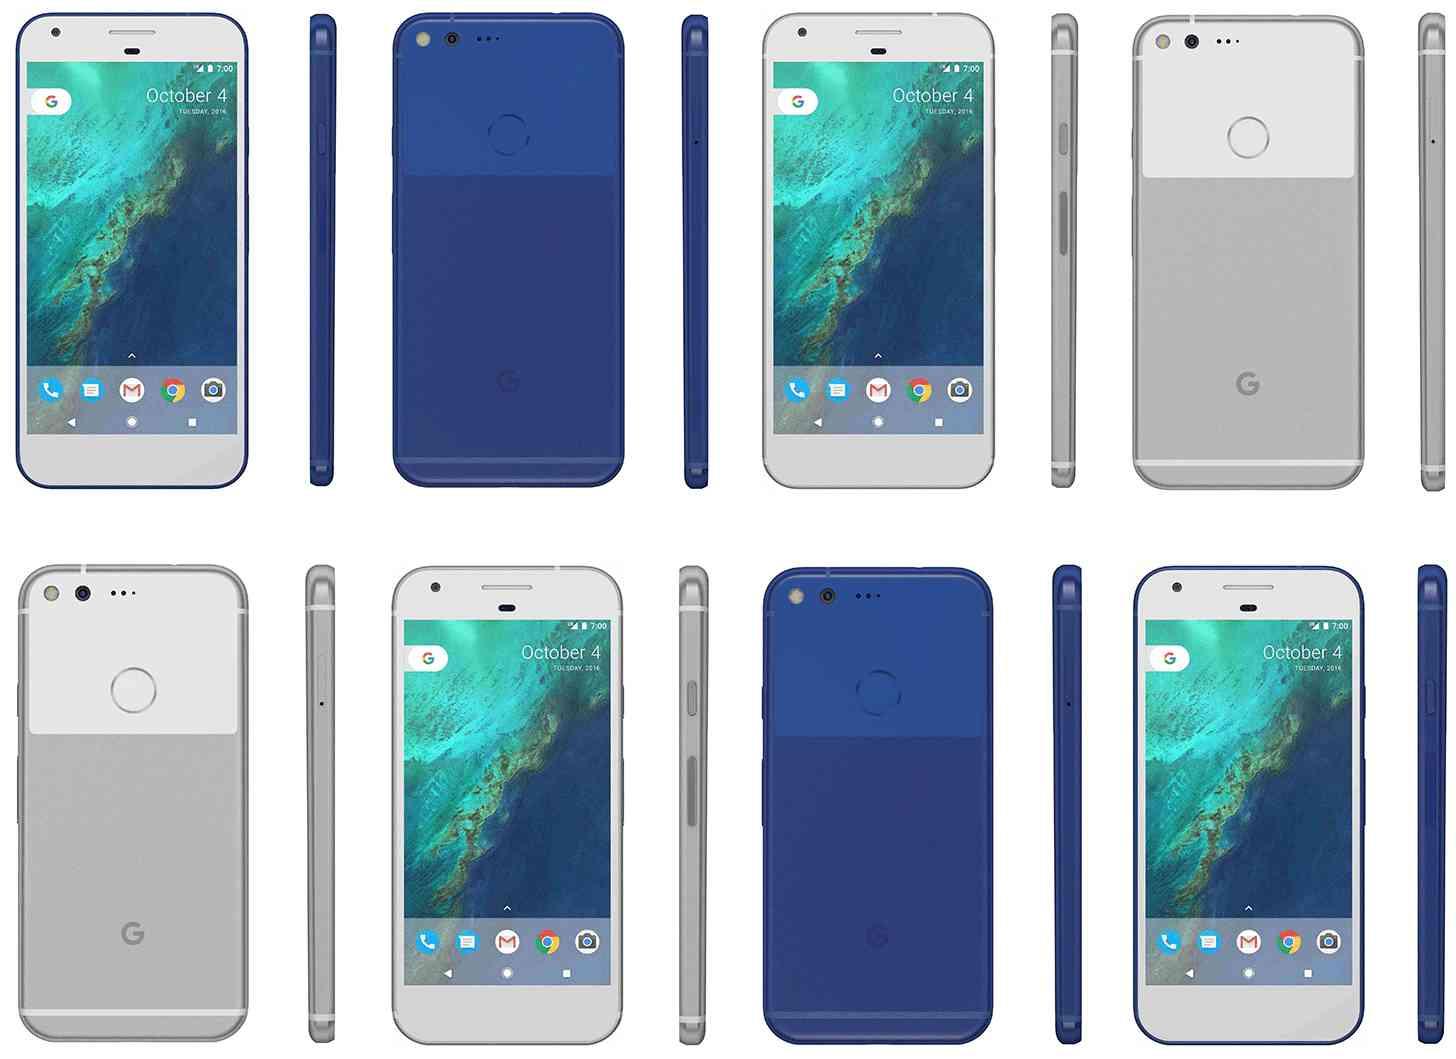 Google Pixel XL, Pixel in blue and silver leak